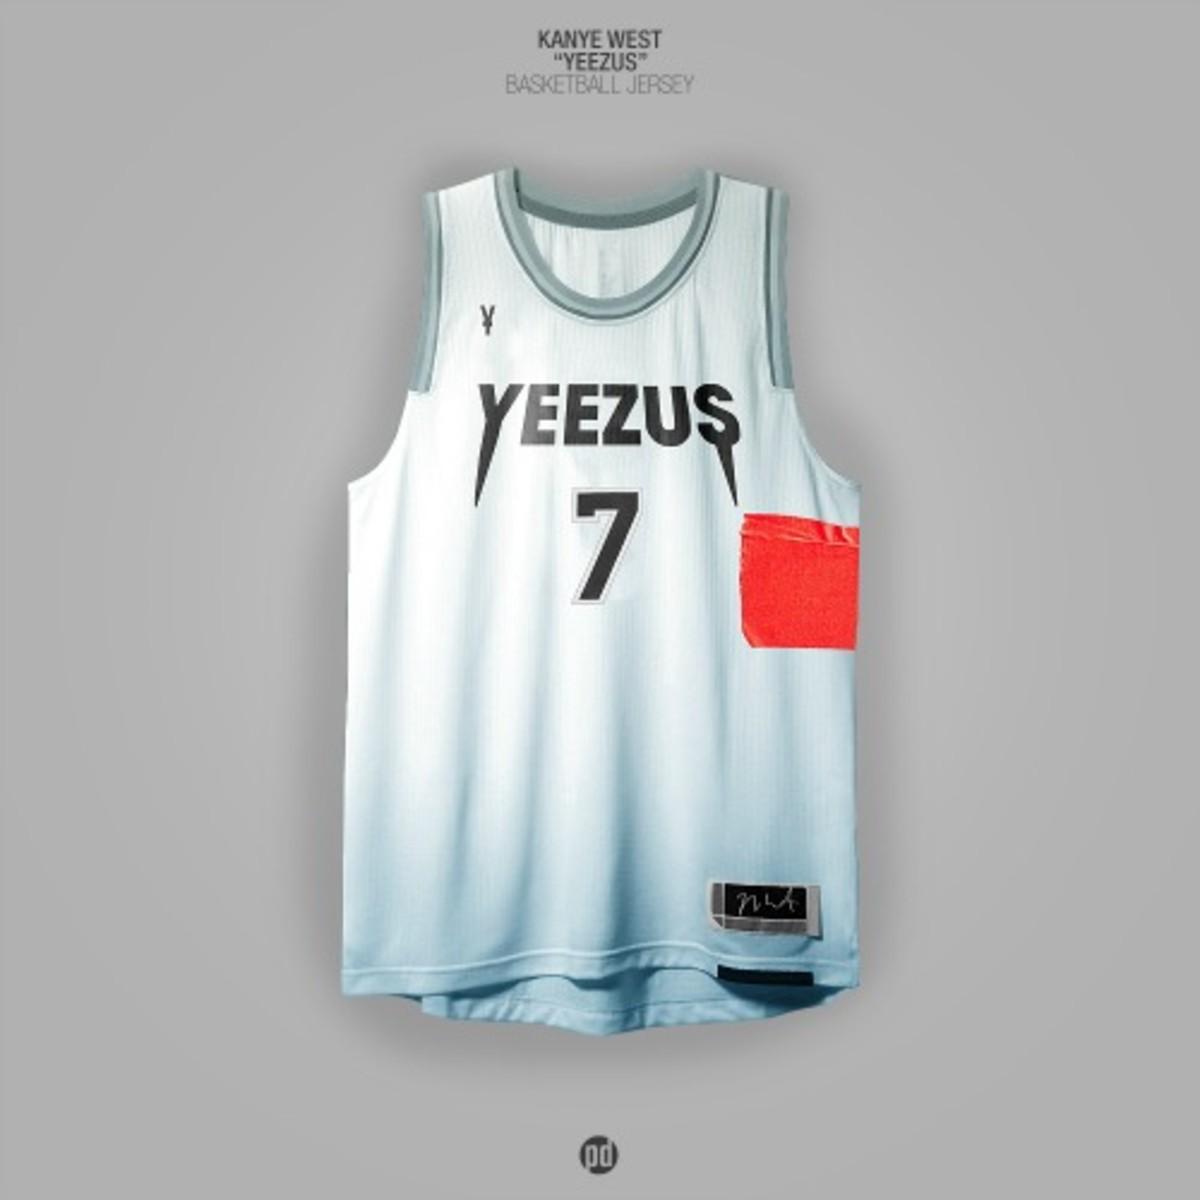 kanye-west-yeezus-jersey.jpg